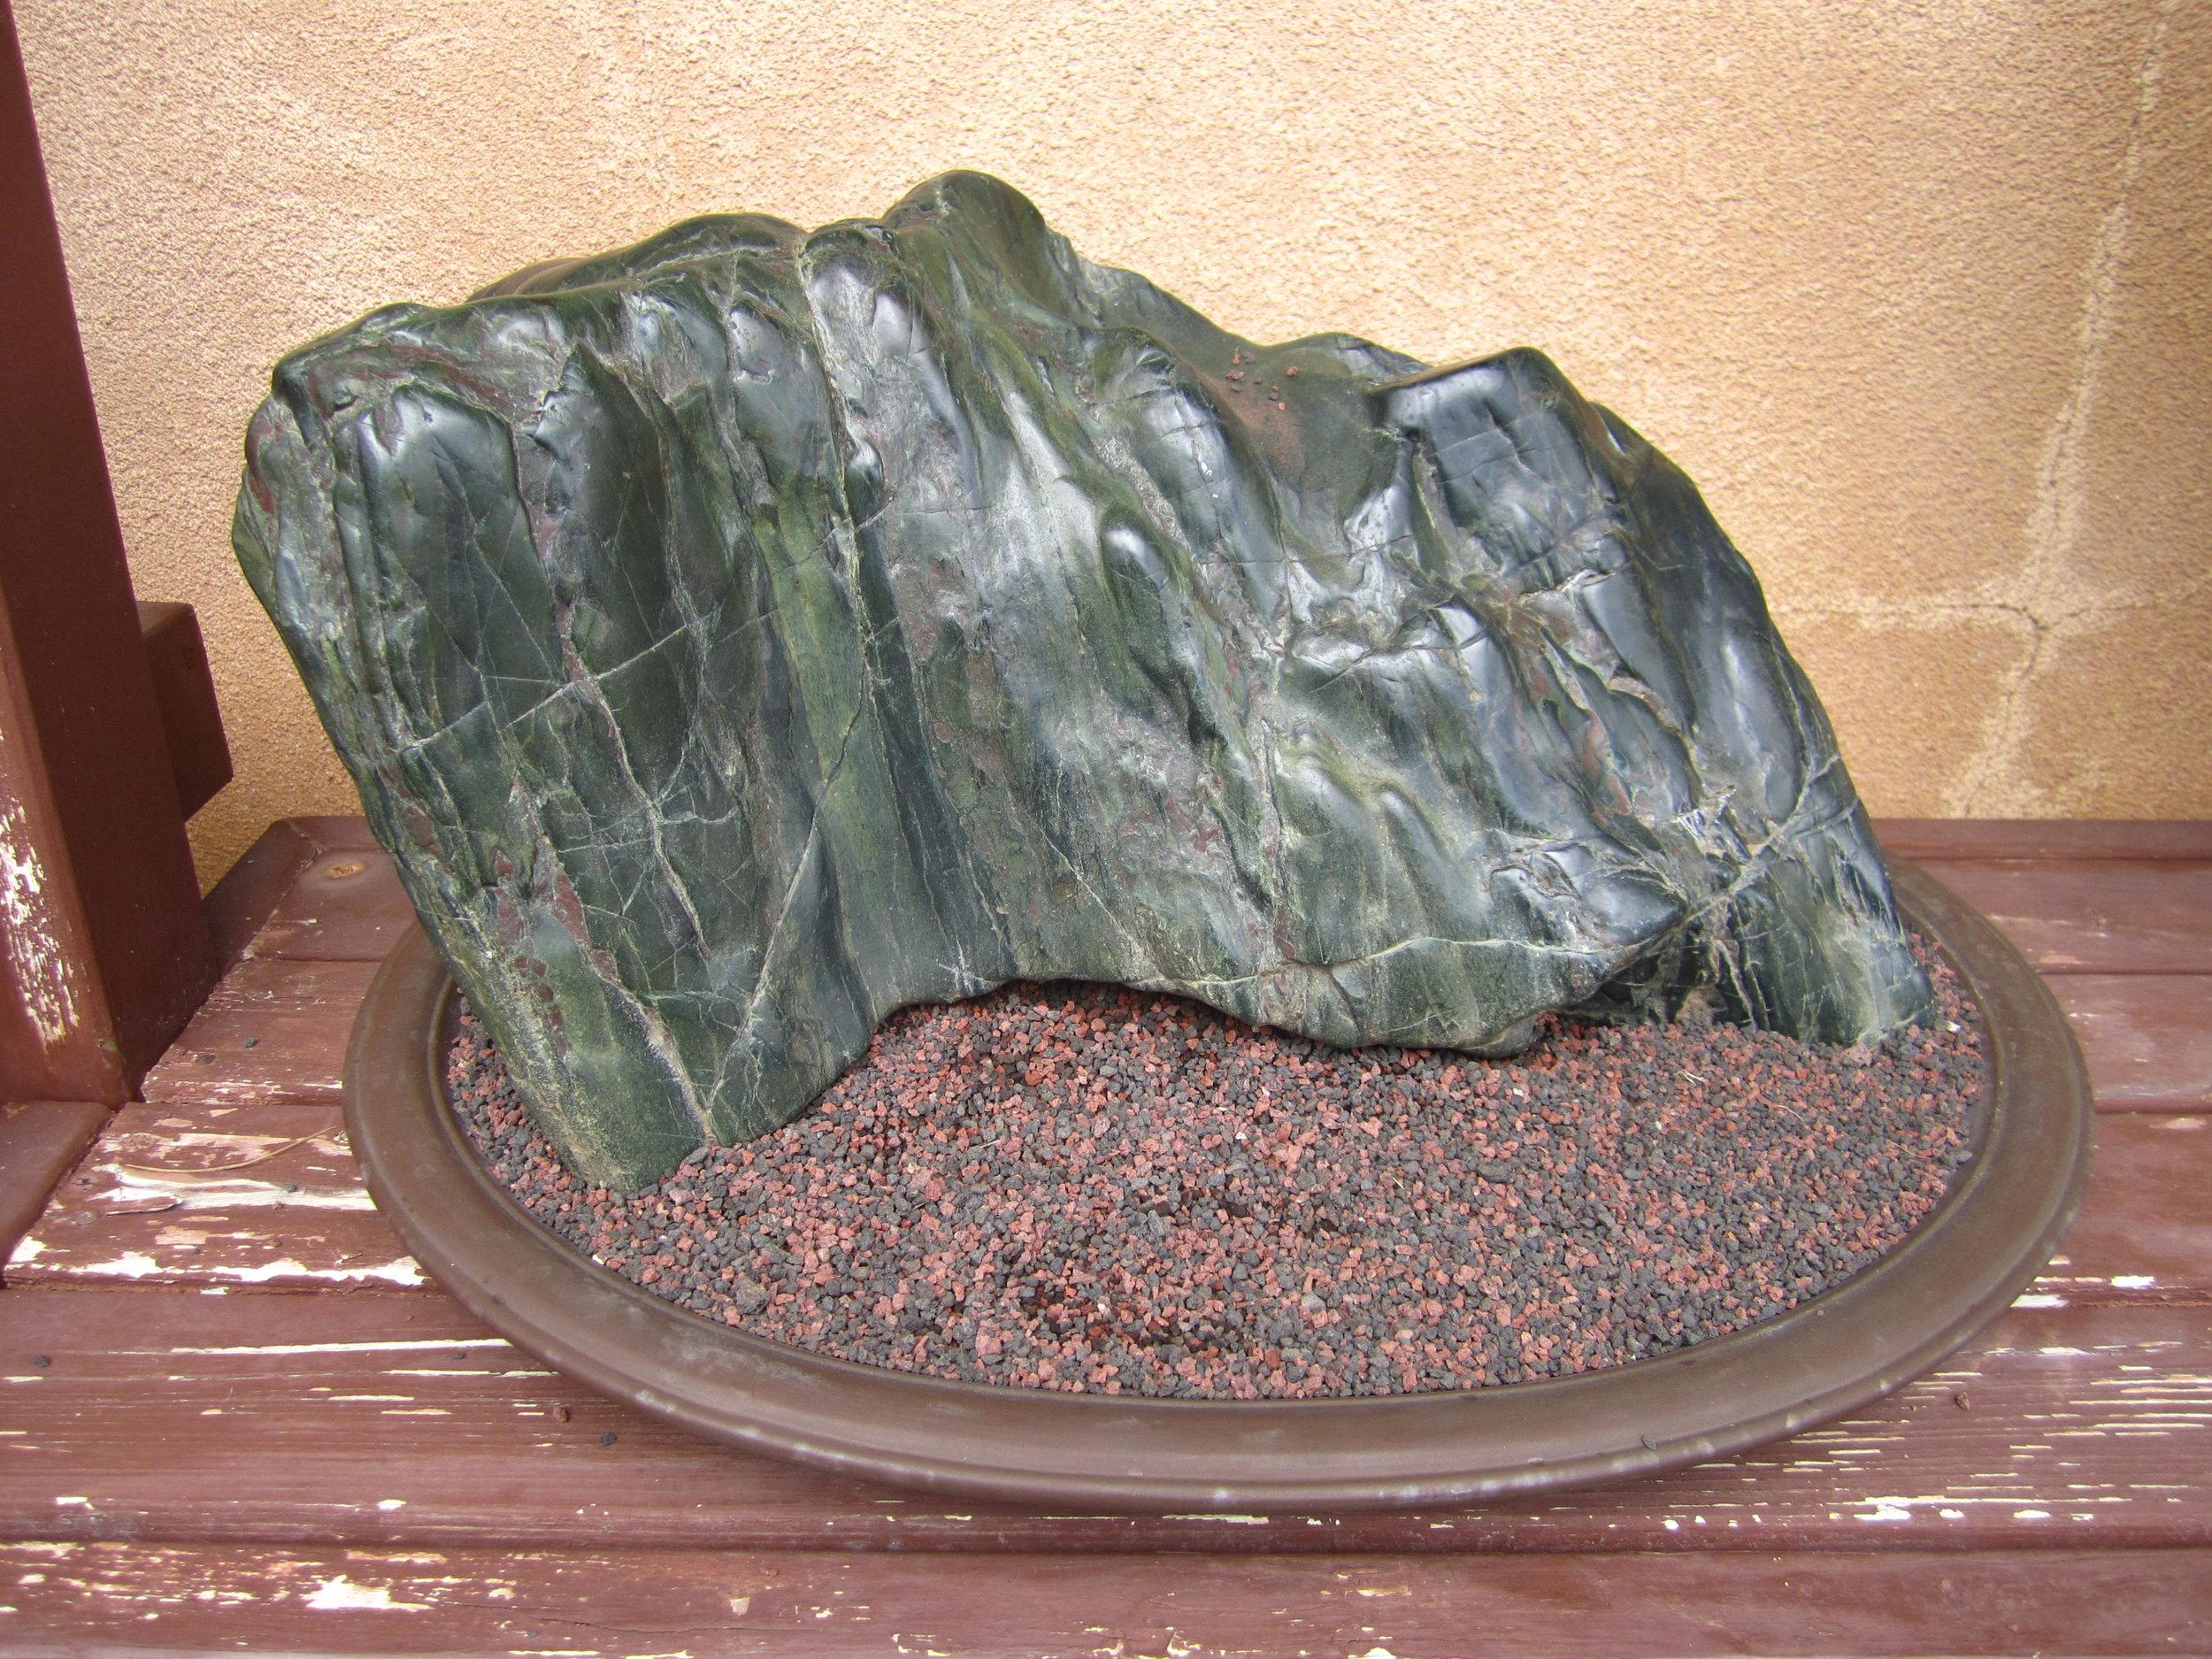 1. Suiseki (Viewing Stone)